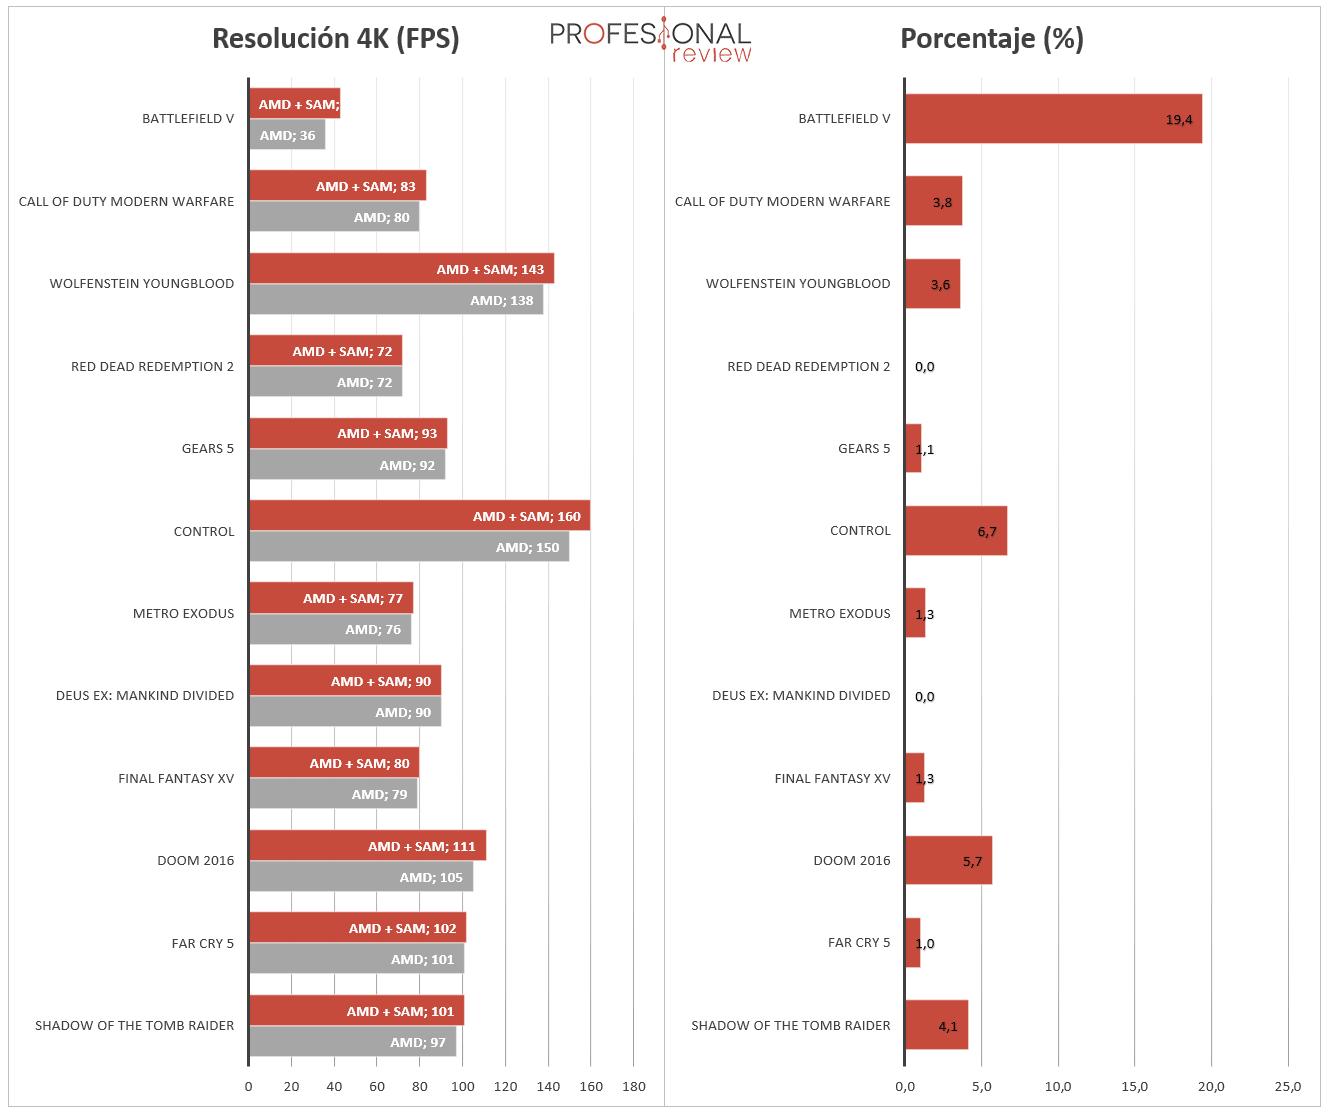 AMD SAM Rendimiento en juegos